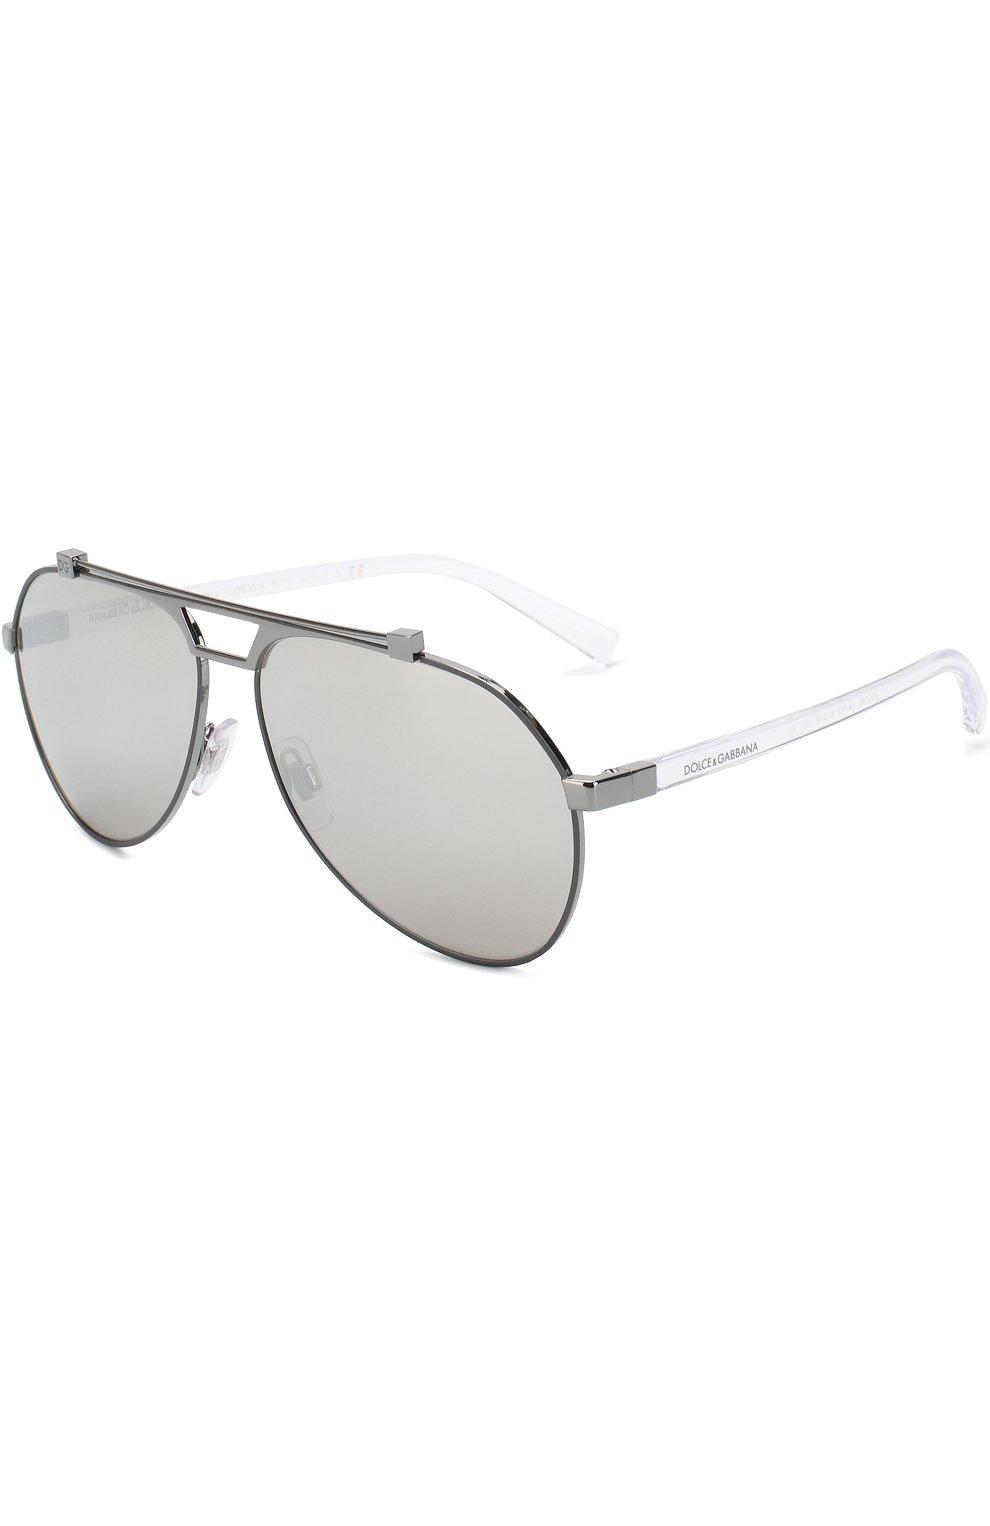 Мужские солнцезащитные очки DOLCE & GABBANA серебряного цвета, арт. 2189-04/6G   Фото 1